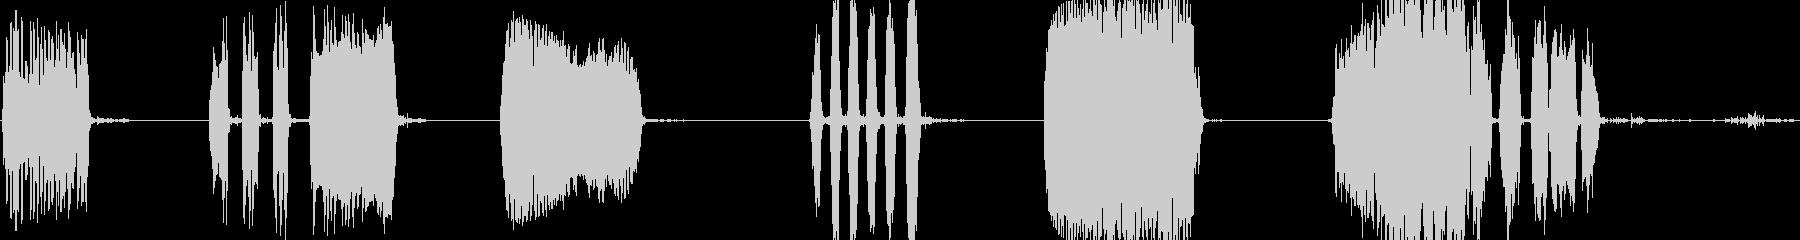 審判:ホイッスルブロー;いくつかの...の未再生の波形